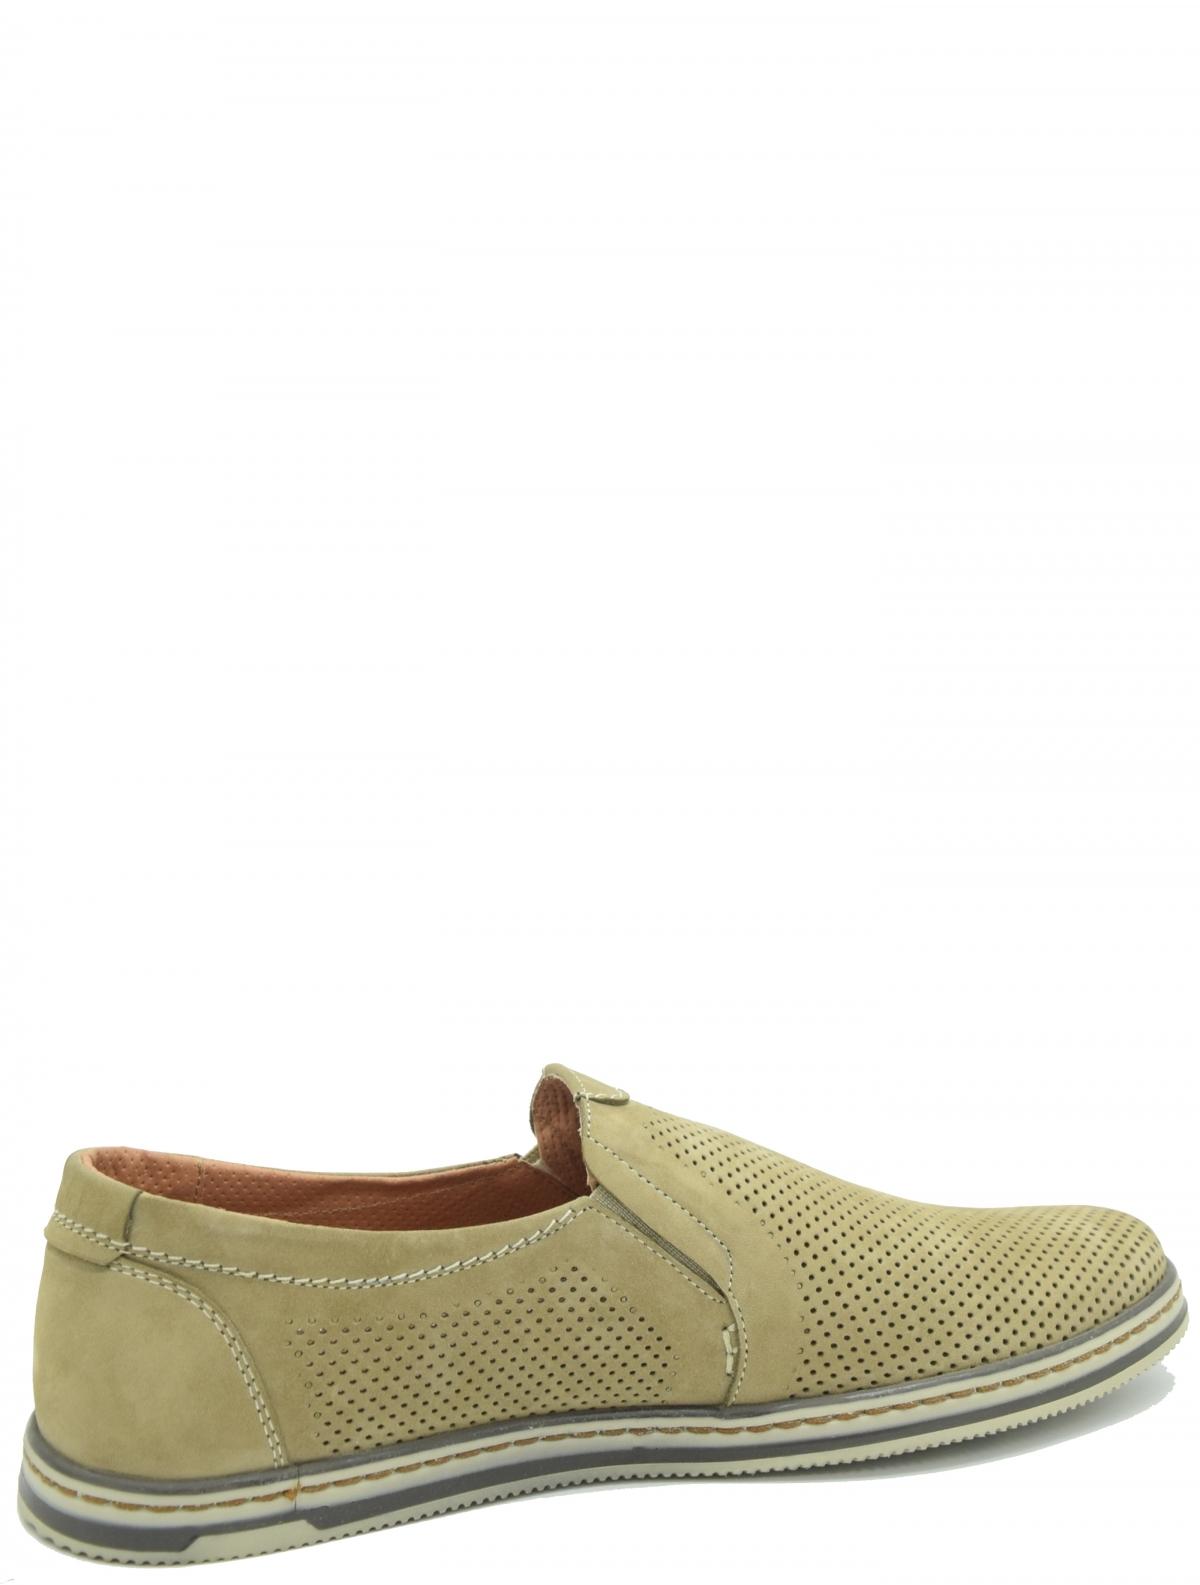 BastoM 1850 мужские туфли